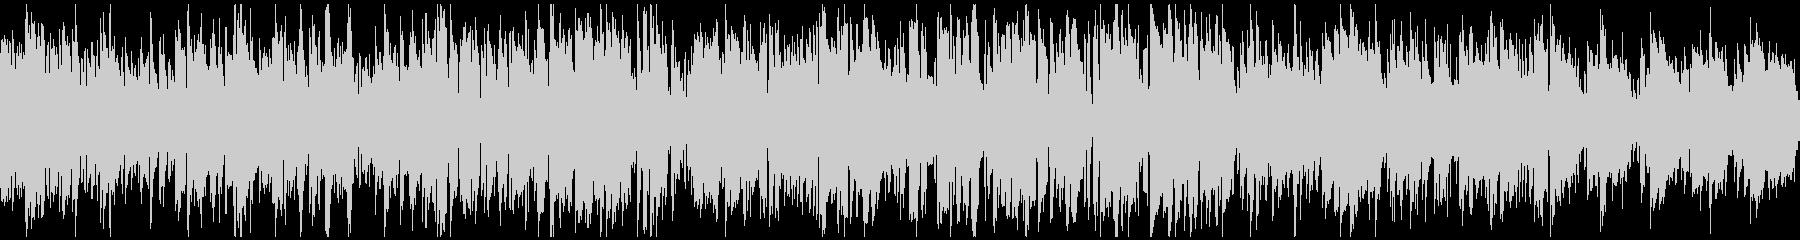 綺麗なメロディの軽快なボサノバ※ループ版の未再生の波形